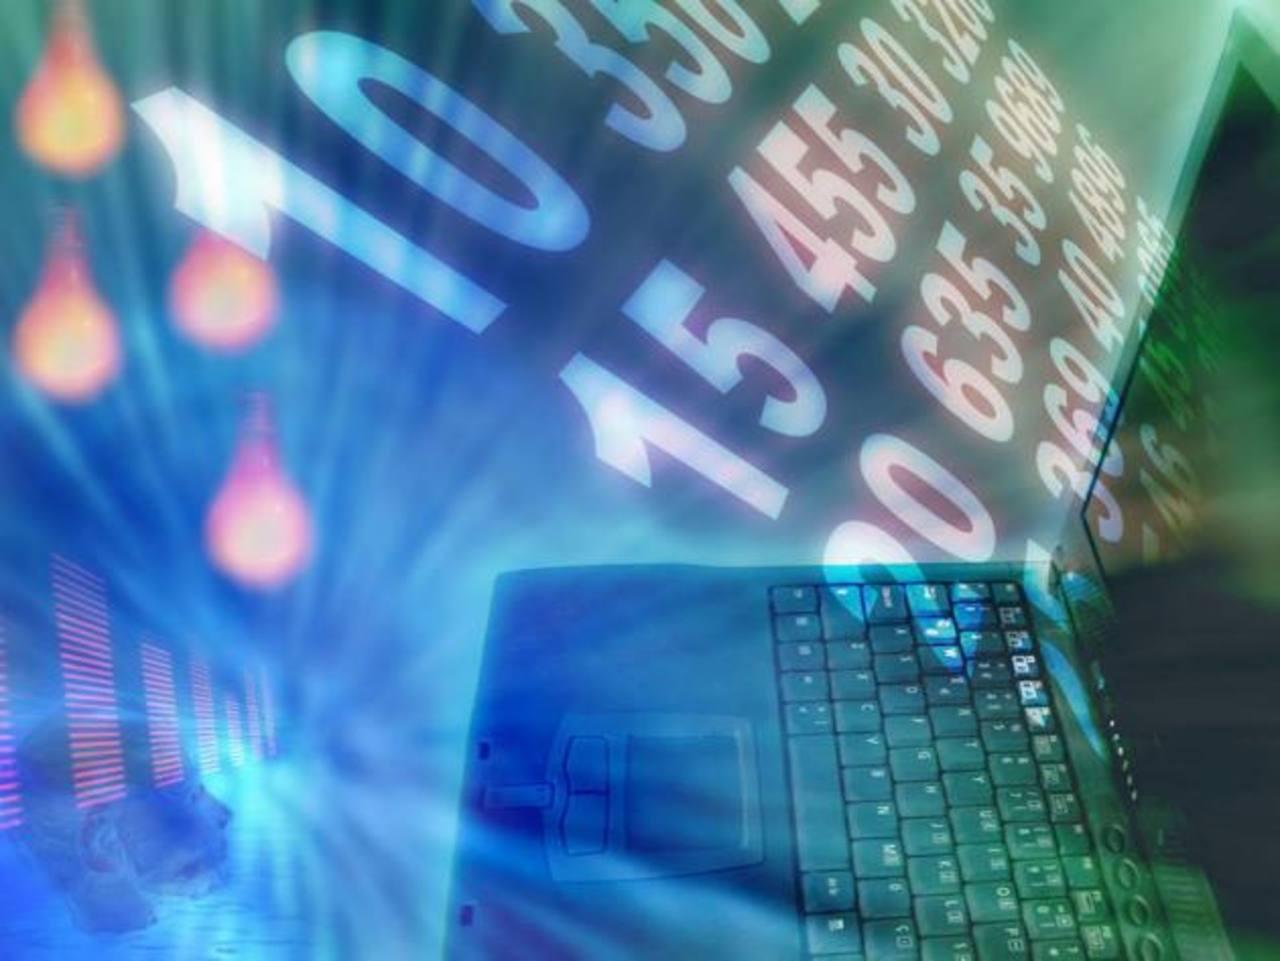 Seguridad informática y ciberdelincuencia, serán temas a analizar en el foro. Foto EDH